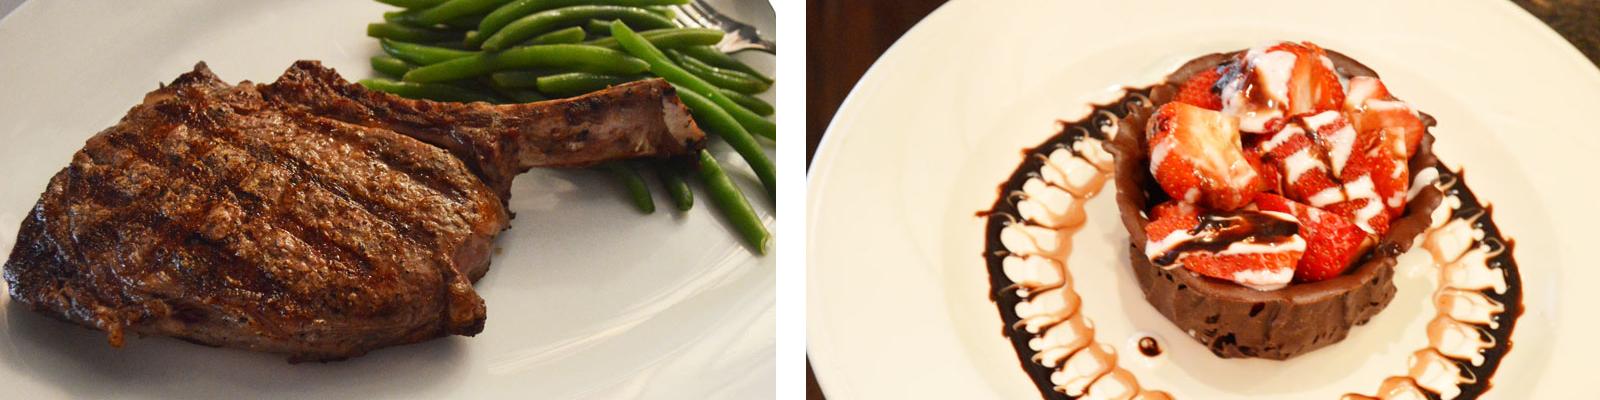 steak and dessert